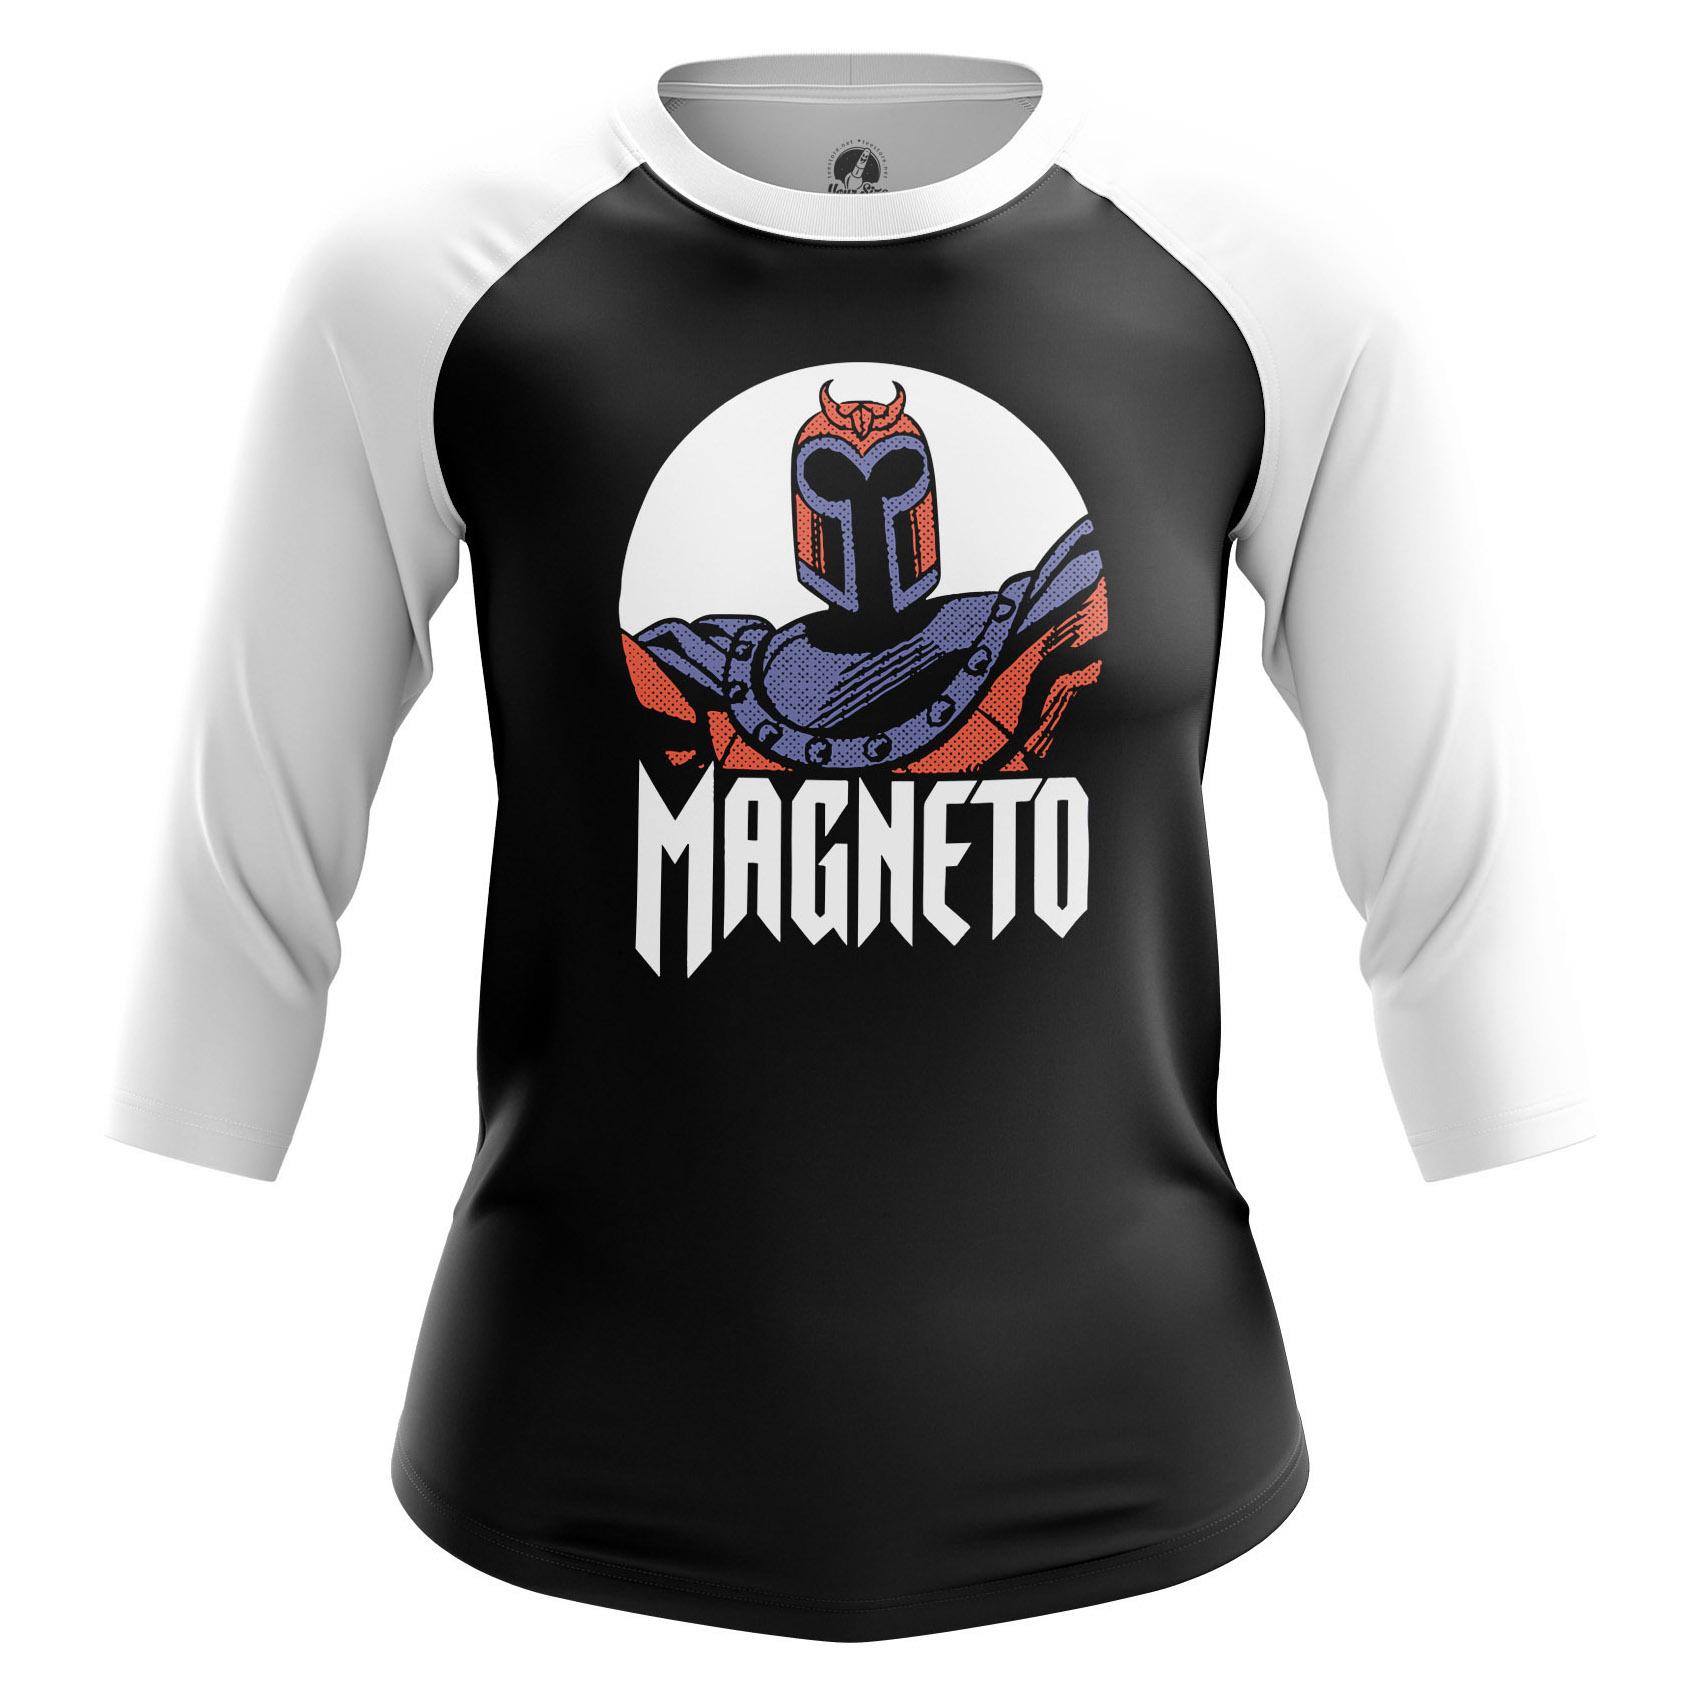 Collectibles Women'S Long Sleeve Magneto Xmen Black